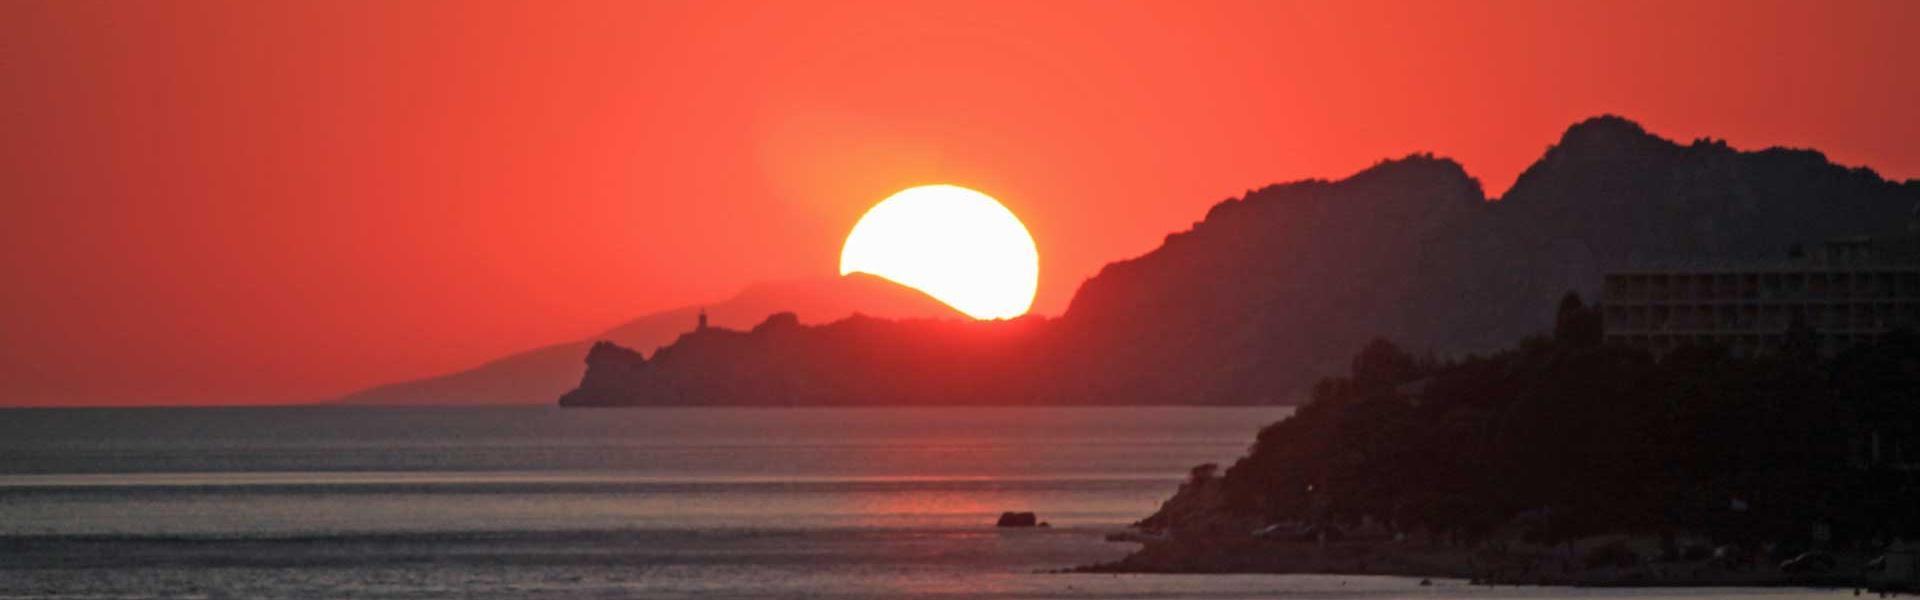 Ηλιοβασίλεμα στο Λουτράκι